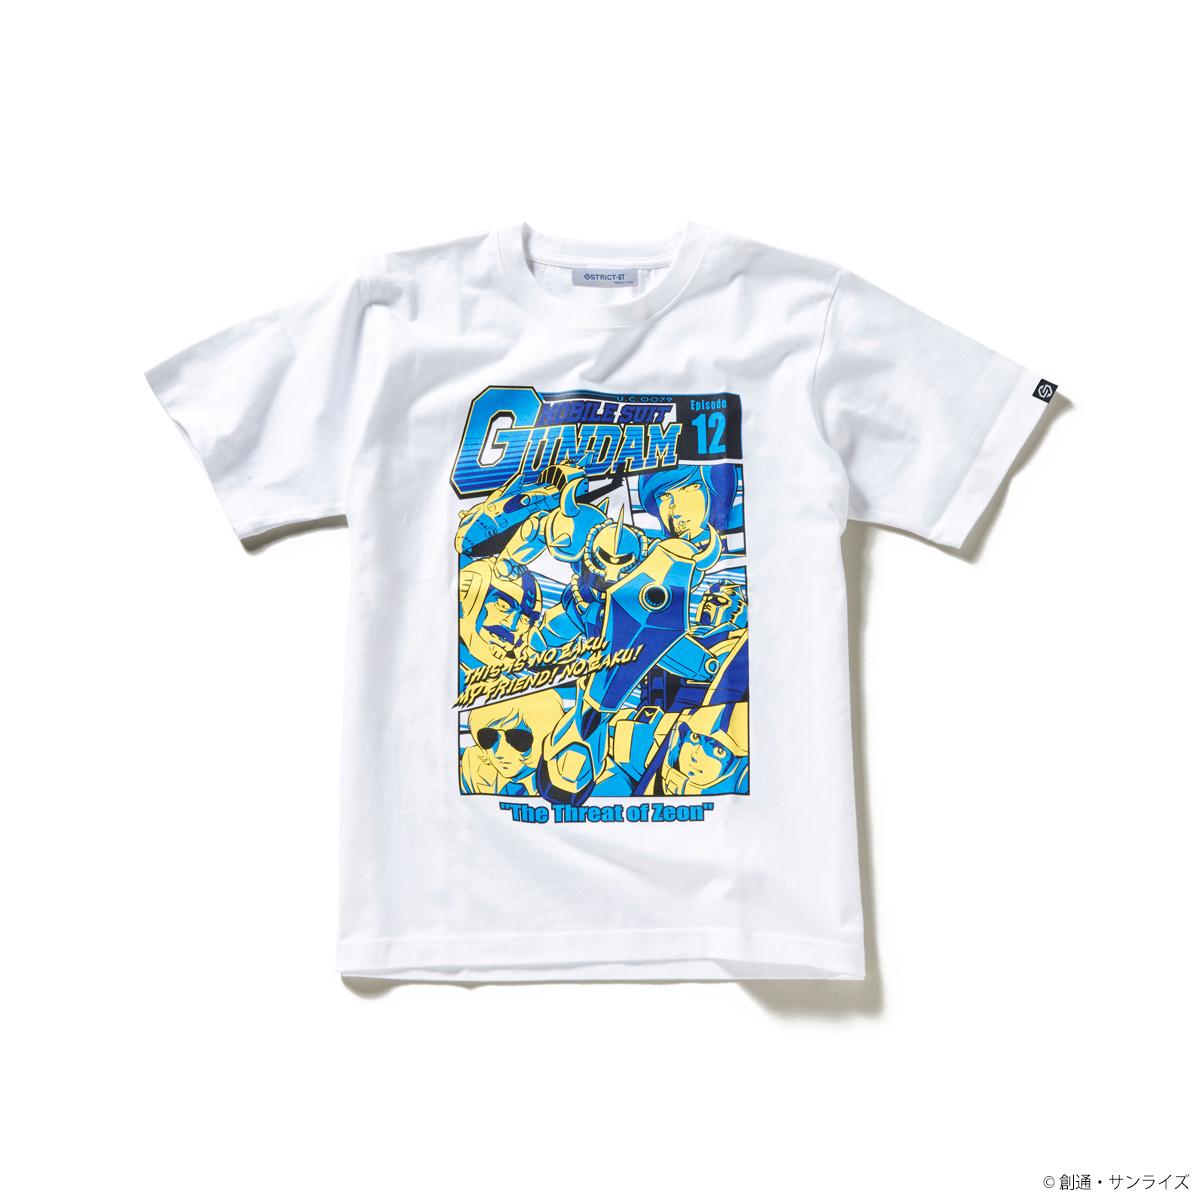 『機動戦士ガンダム』EPISODE Tシャツ エピソード12話「ジオンの脅威」